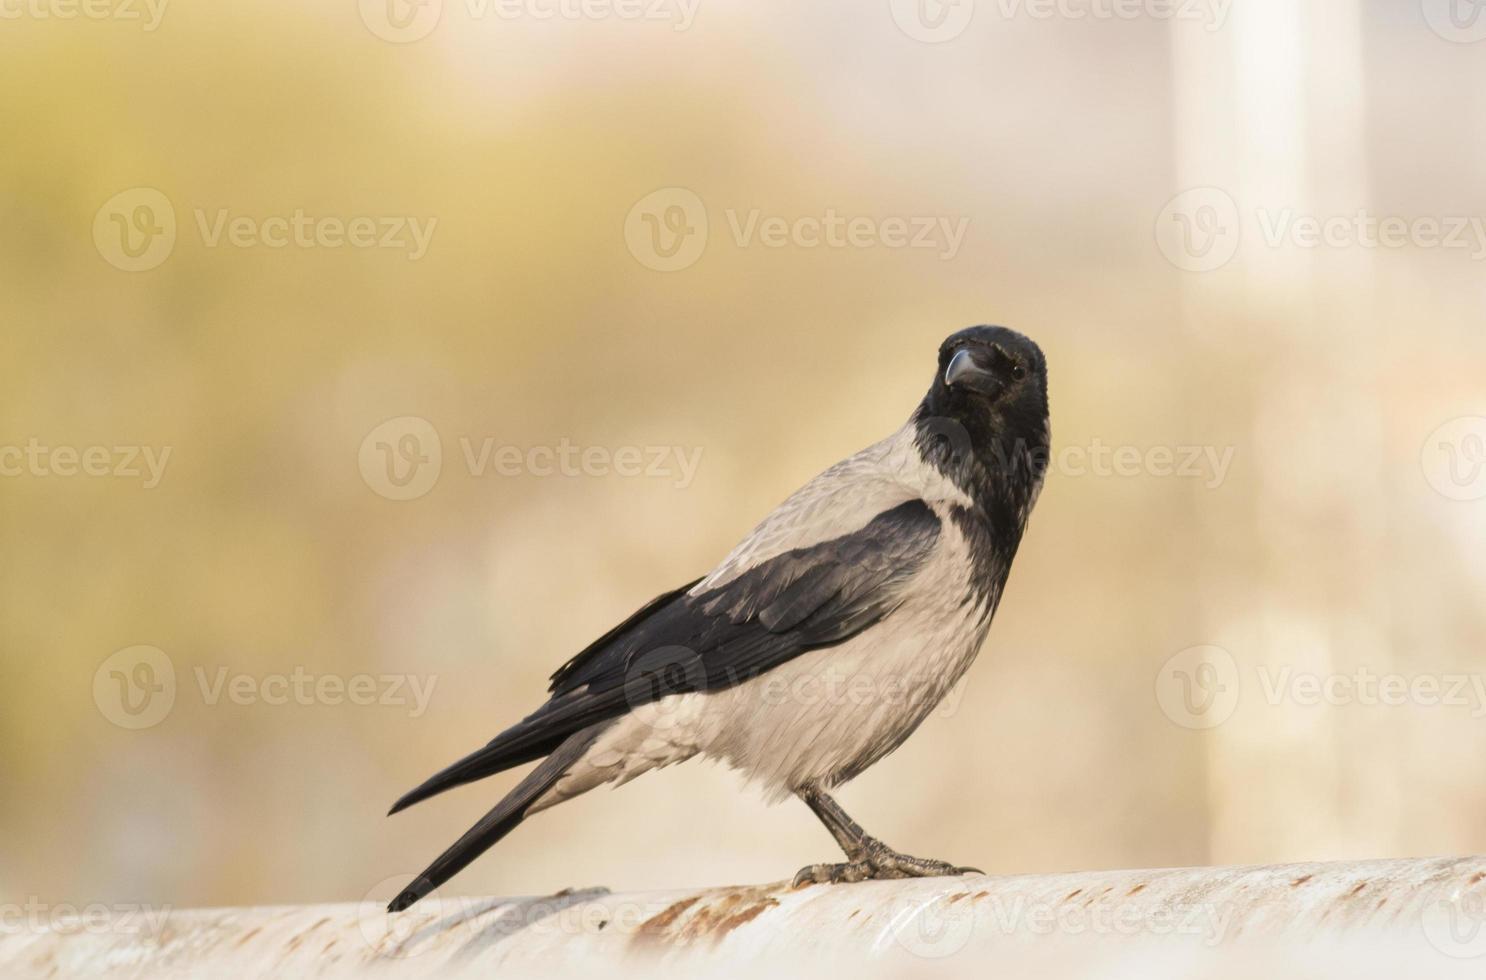 Hooded crow photo